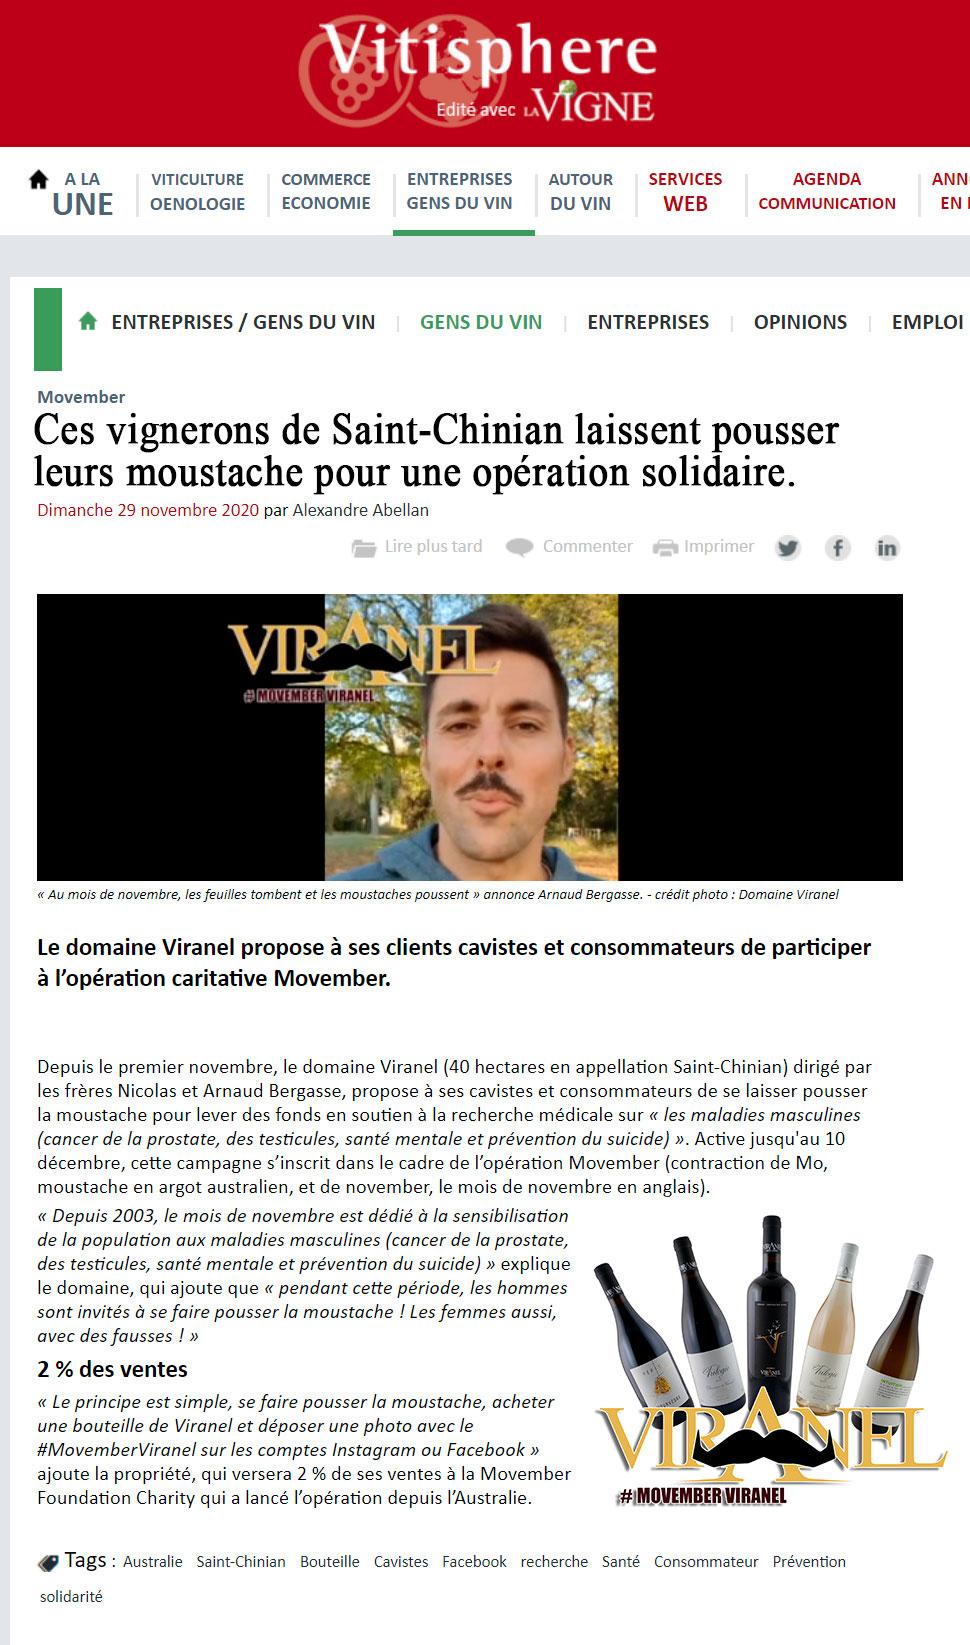 Vitisphère-operation Movember du domaine Viranel